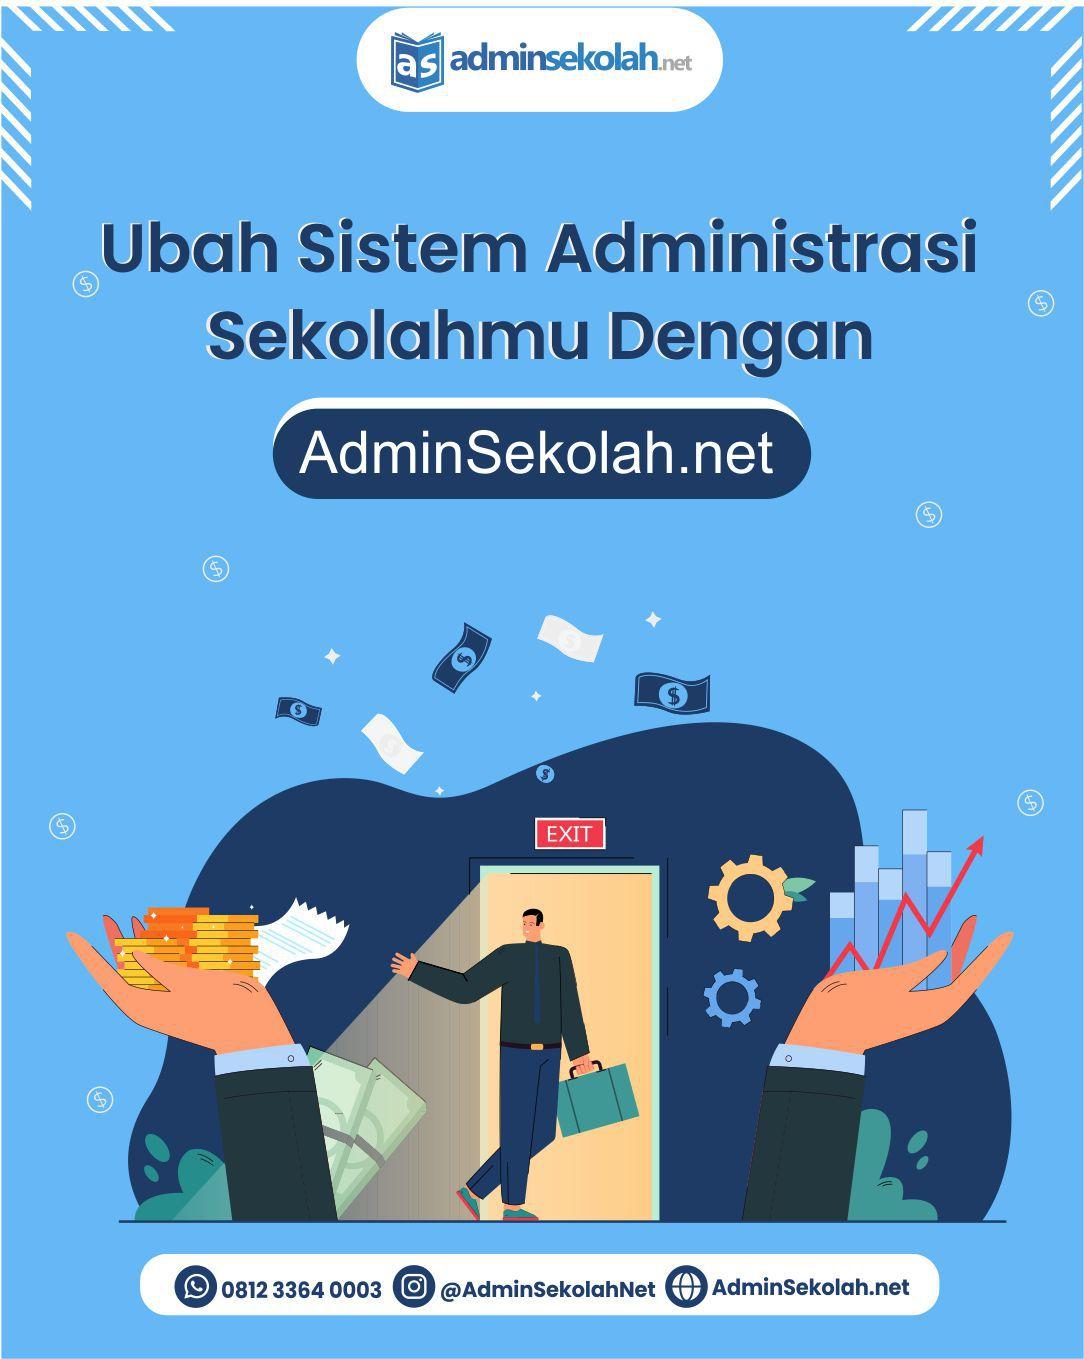 Saatnya Ubah Sistem Administrasi Sekolahmu Dengan Menggunakan aplikasi Admin Sekolah Net!